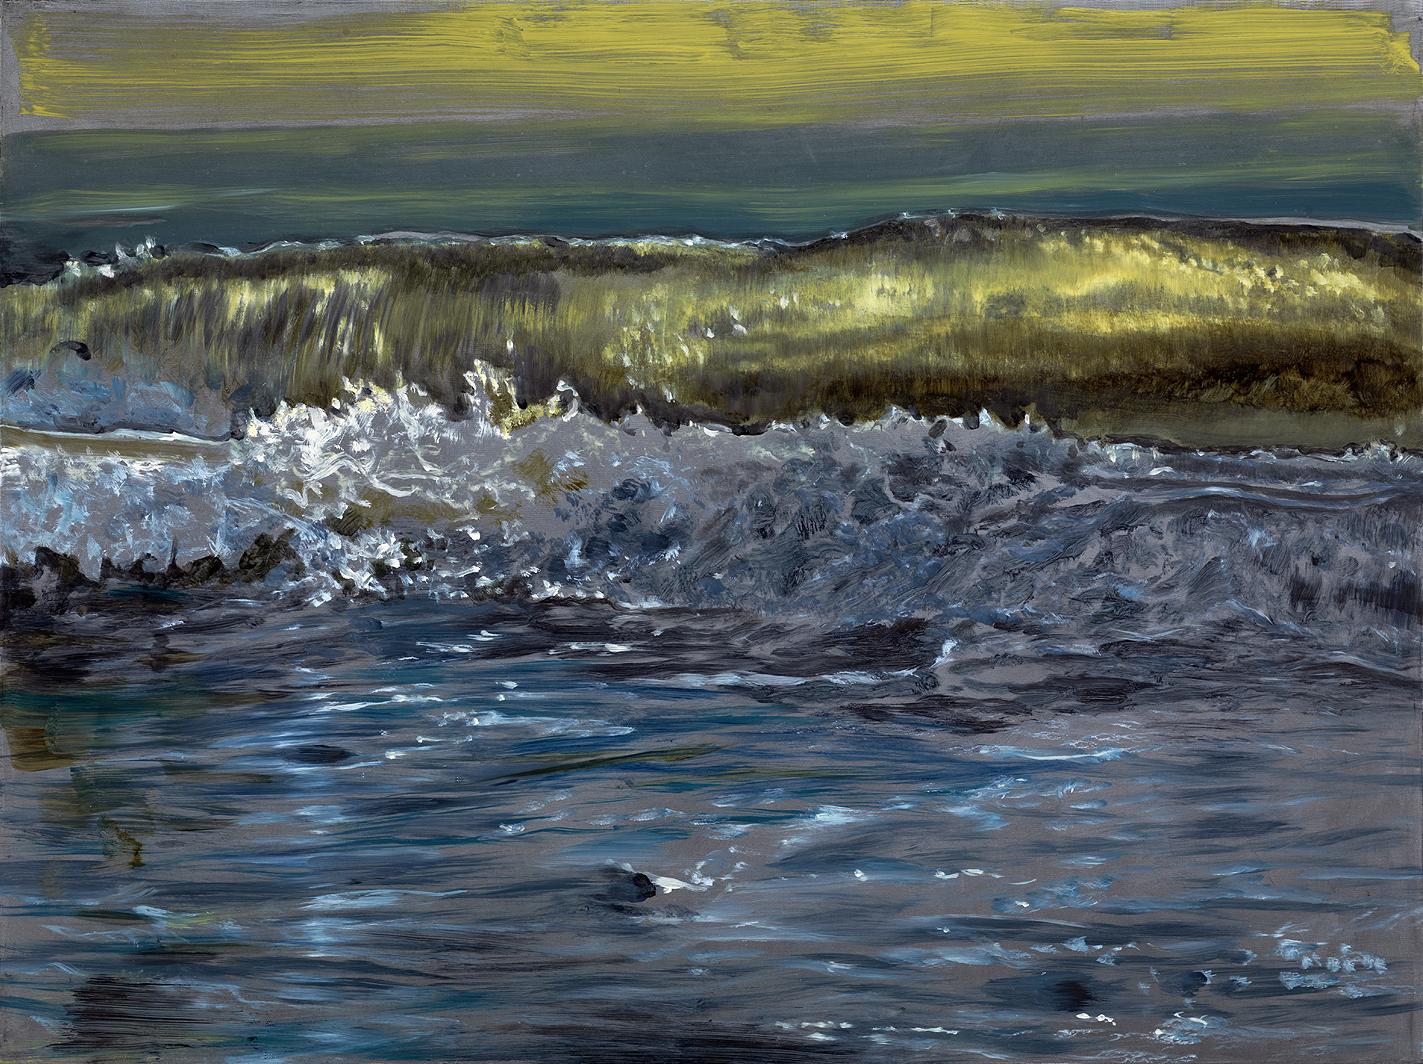 backlit waves